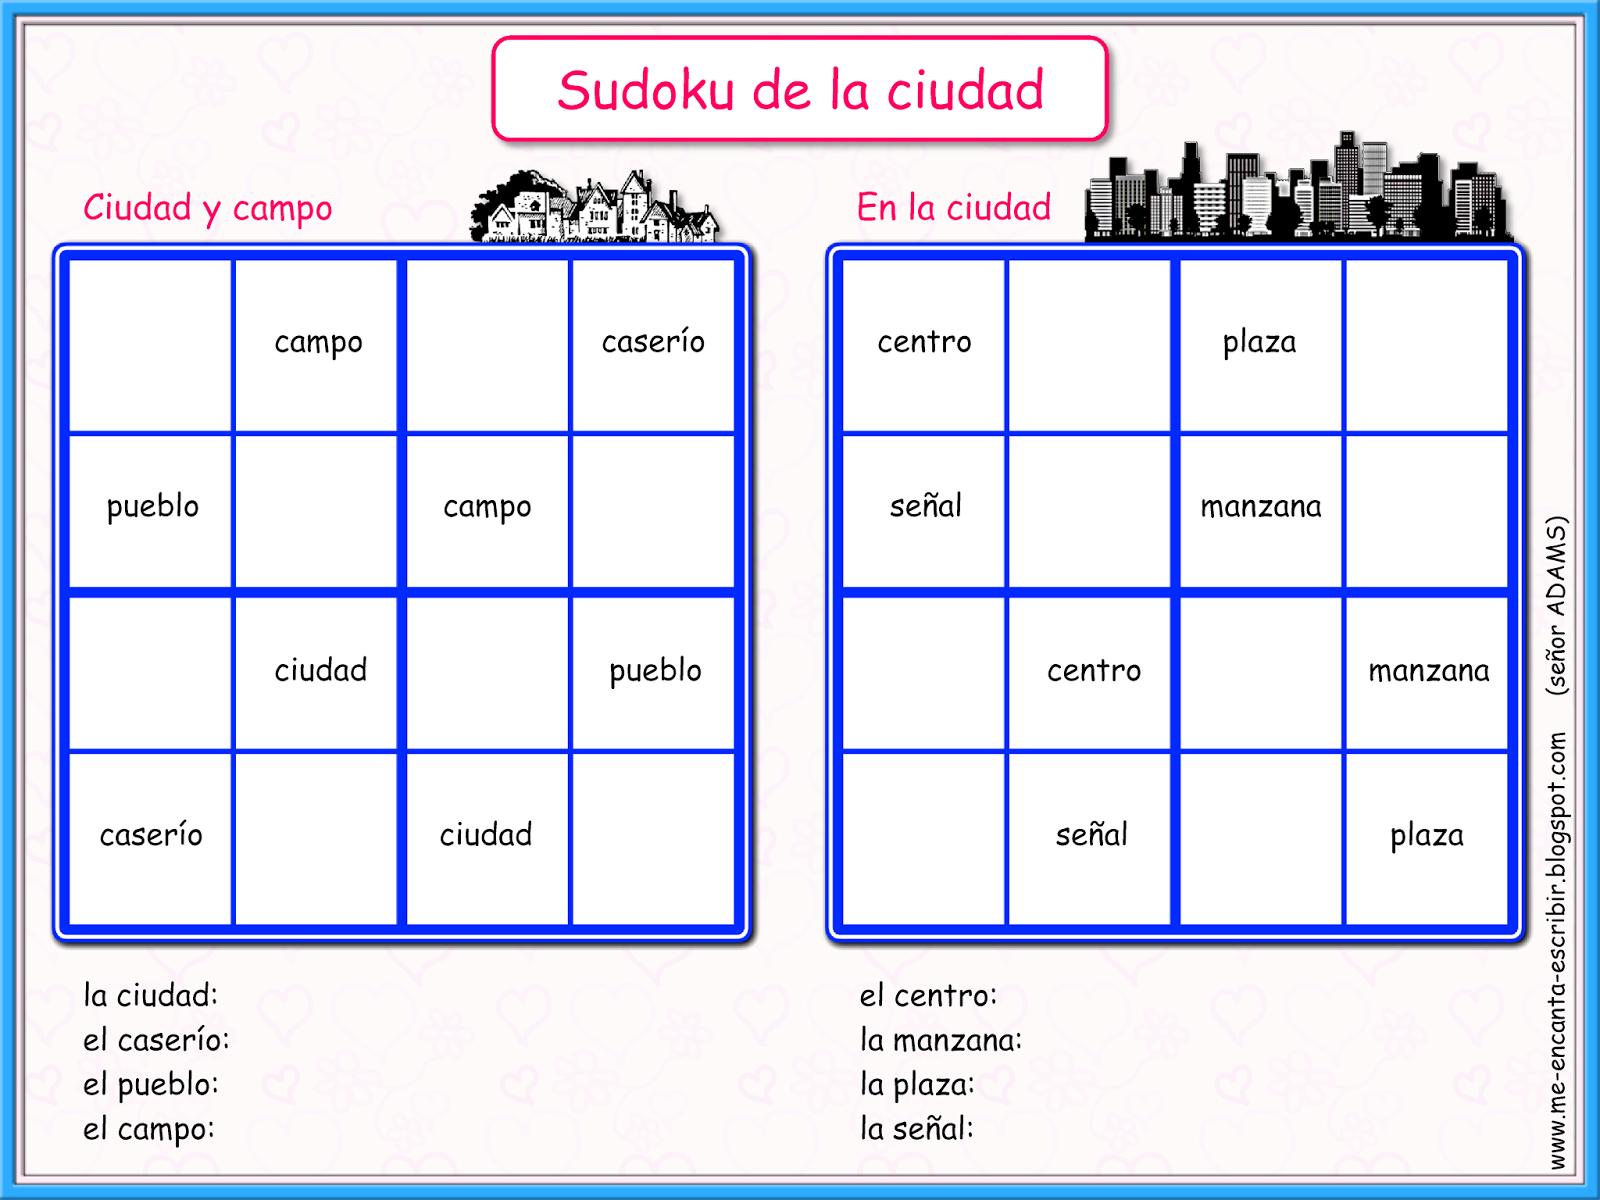 Me Encanta Escribir En Espanol Juegos De Sudoku La